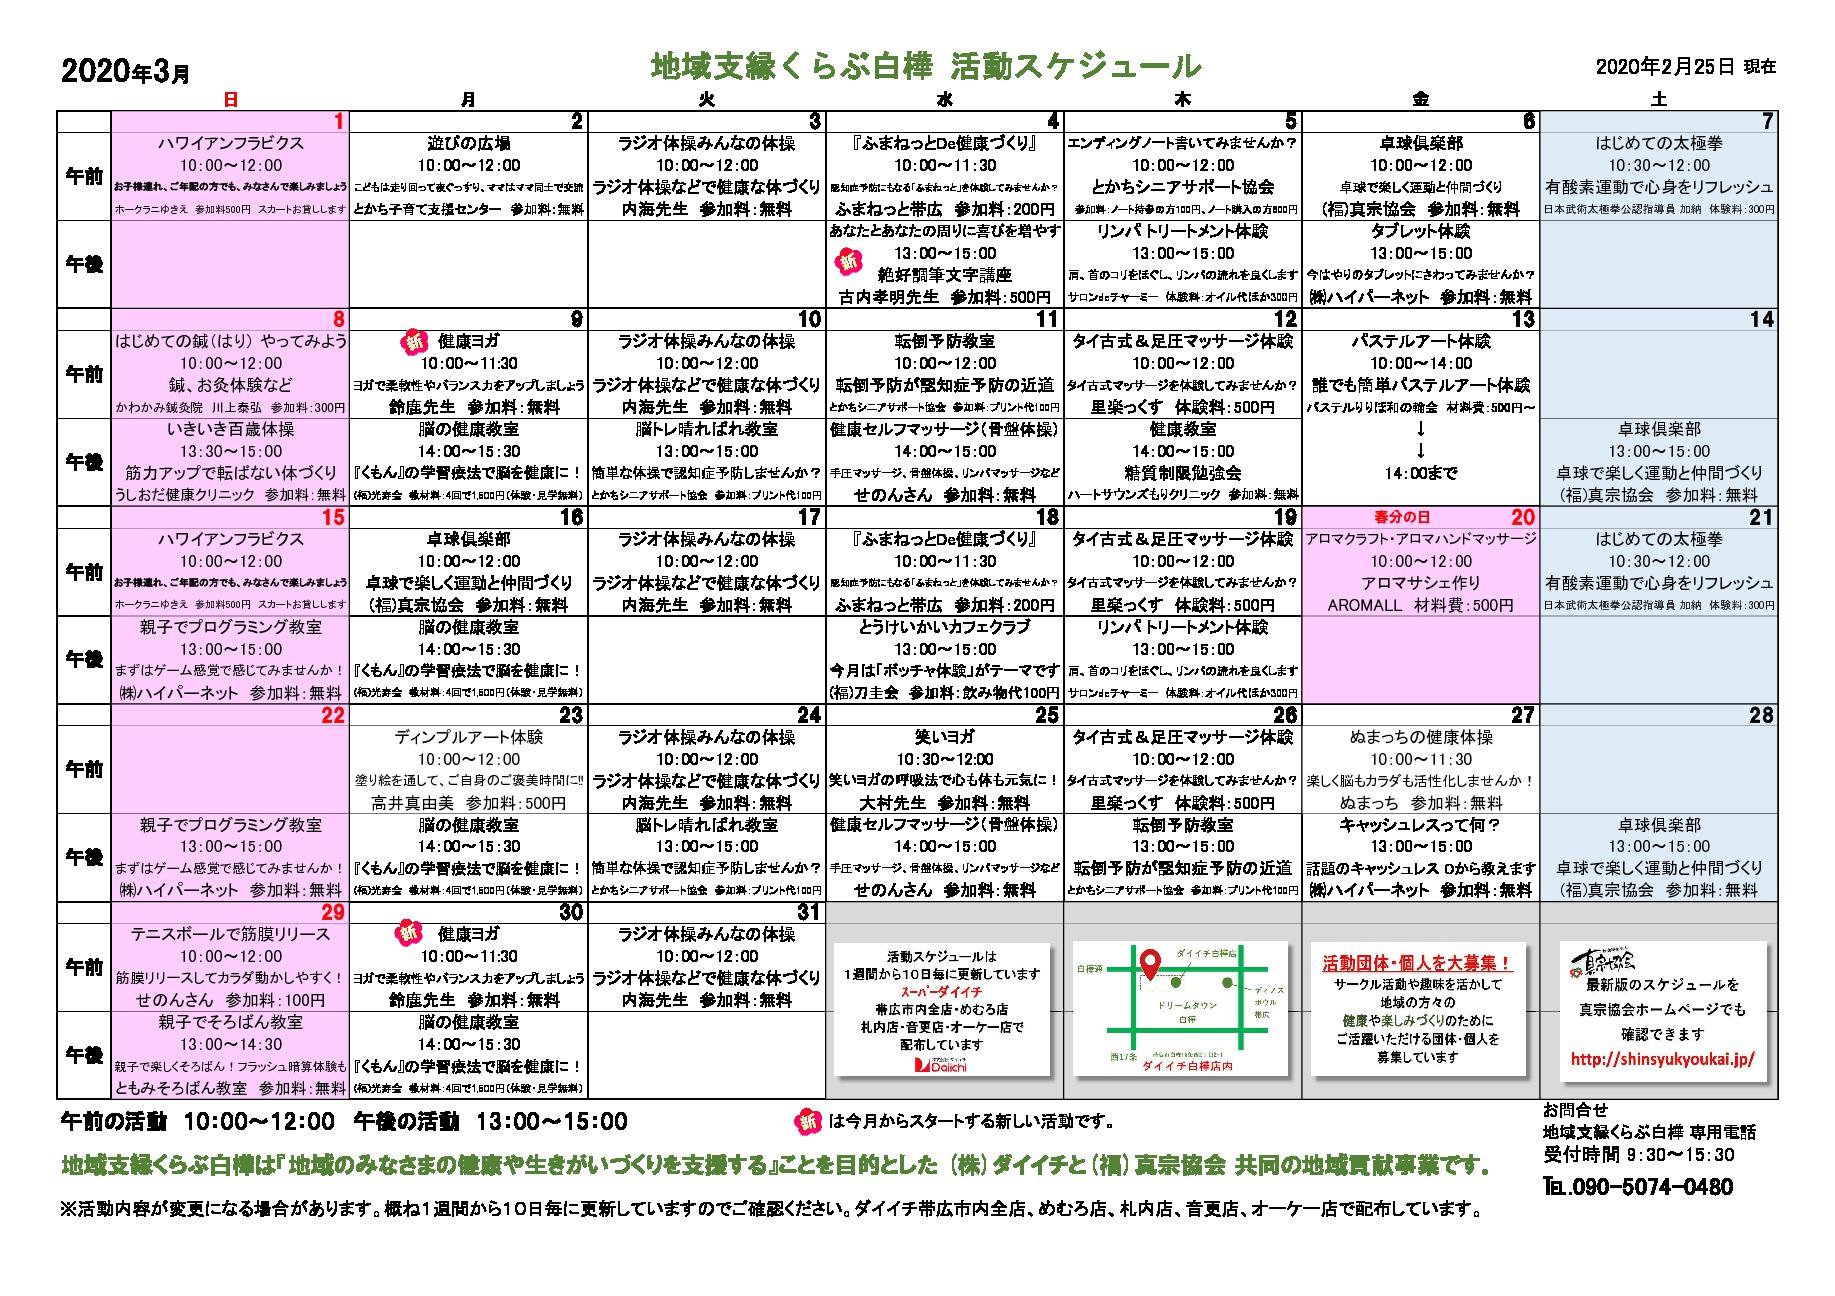 2019活動スケジュール3(2020.2.25付)のサムネイル